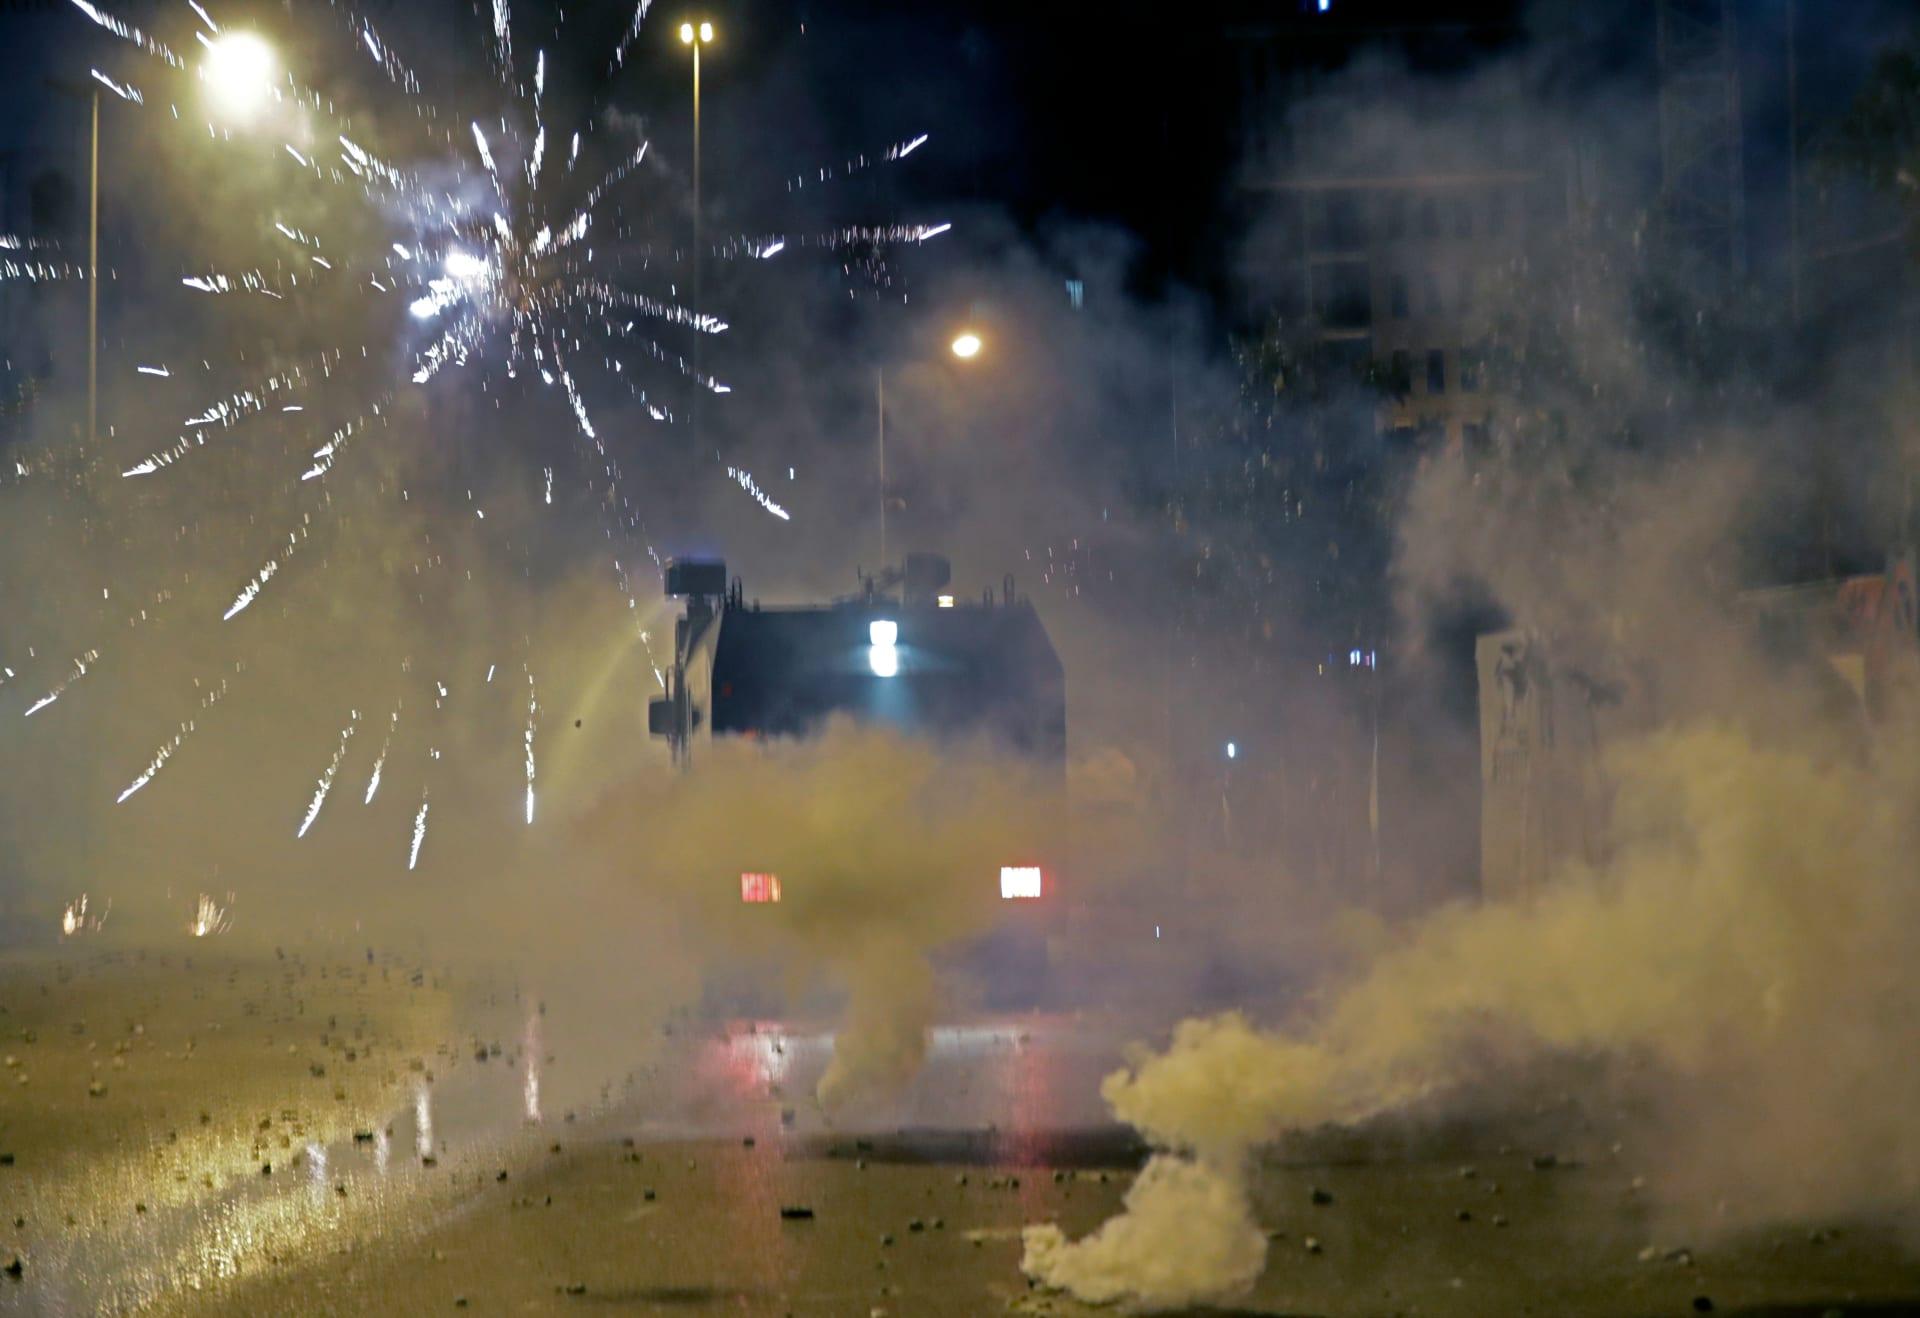 """هيومان رايتس ووتش: الأمن اللبناني استخدم """"قوة مفرطة"""" ضد المتظاهرين"""